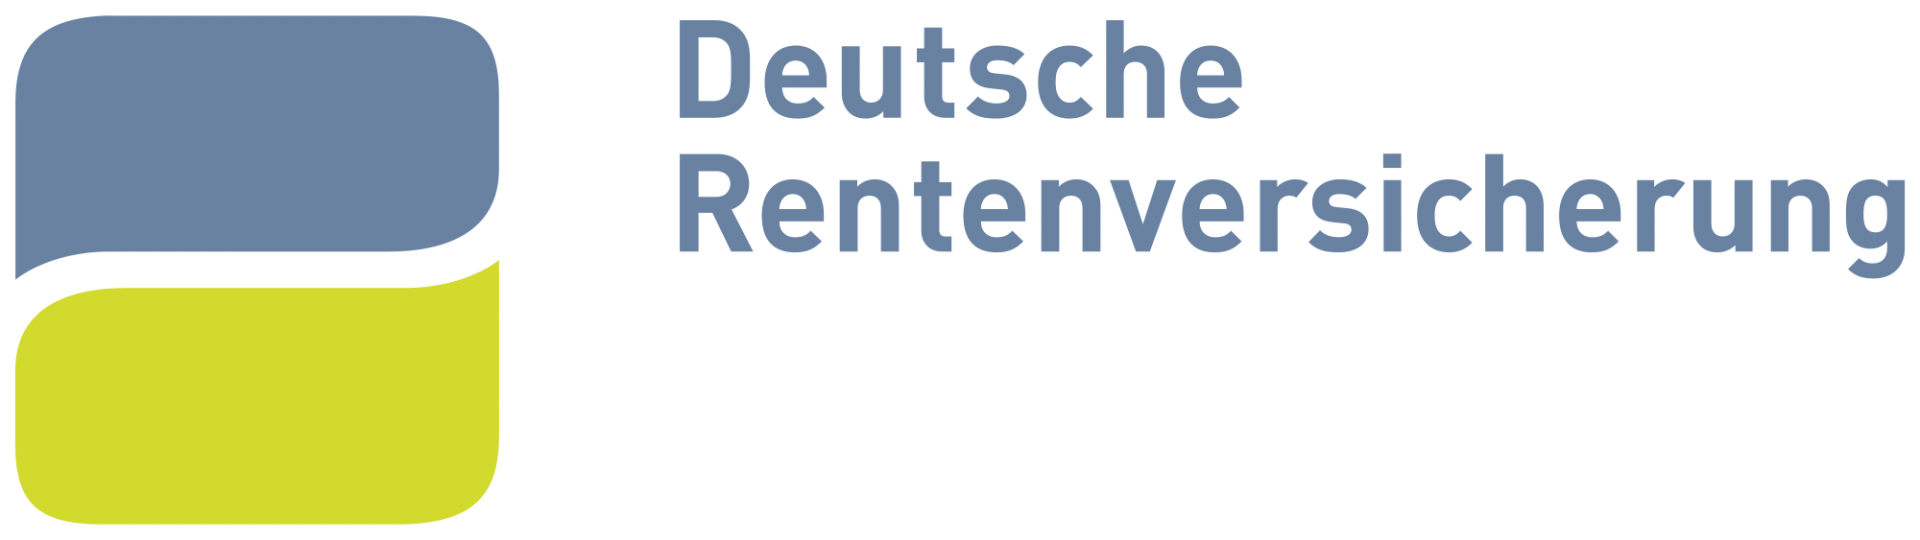 2000px-deutsche_rentenversicherung_logo-svg